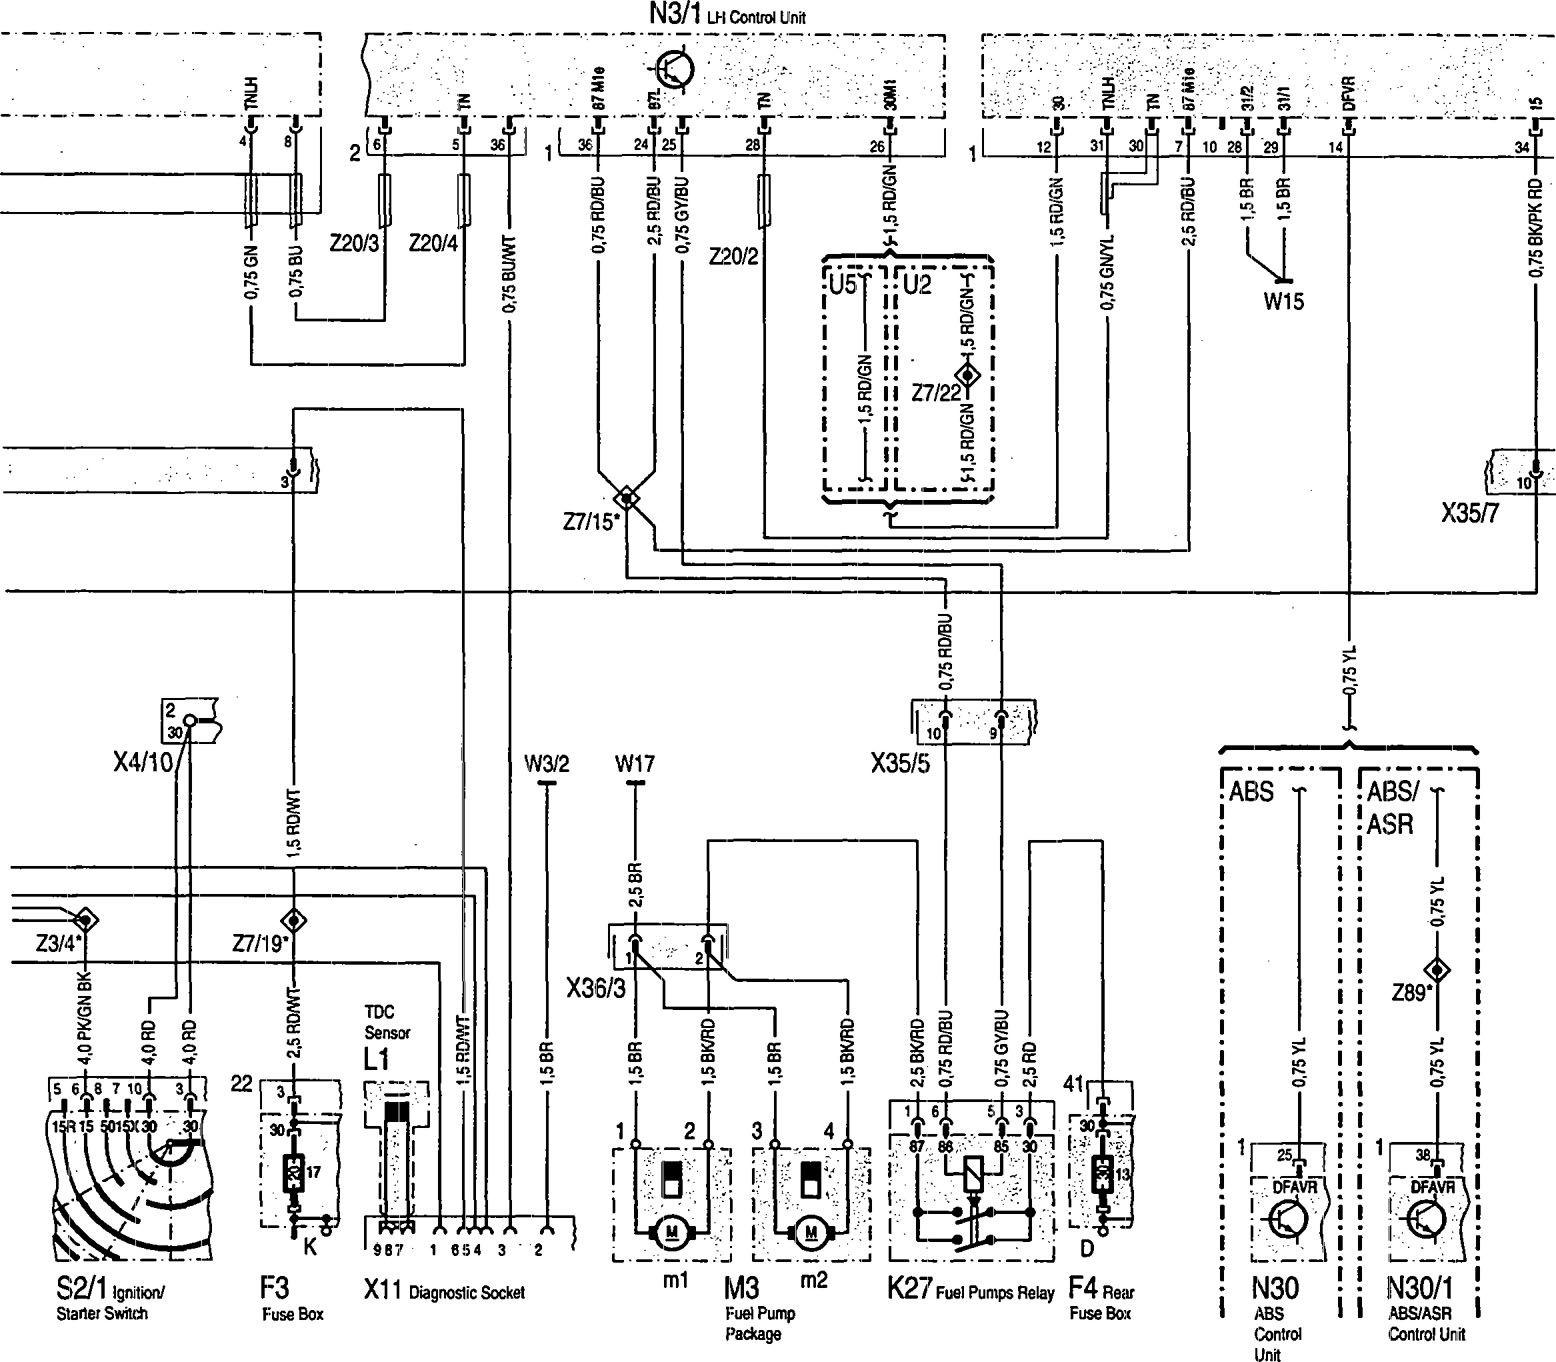 mercedes 400 wiring diagram wiring diagrammercedes benz 600sec (1993) wiring diagrams fuel controlsmercedes benz 400se wiring diagram fuel controls